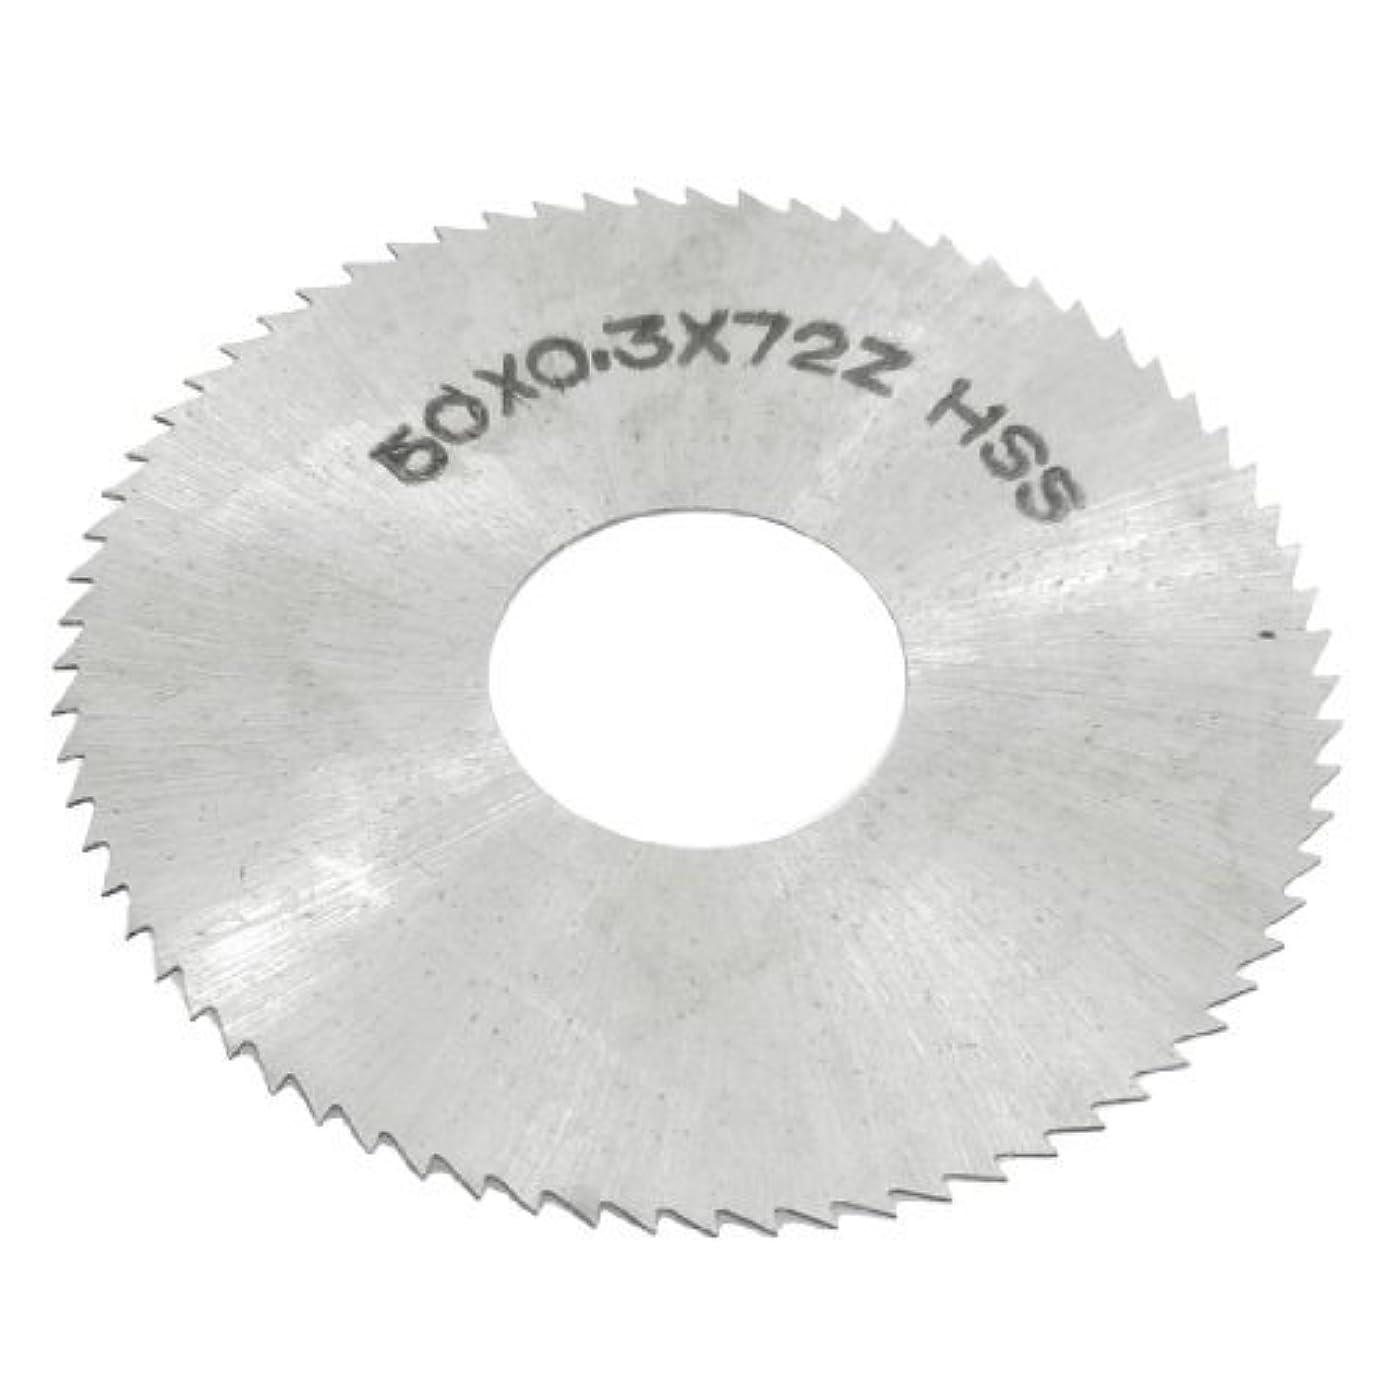 社会主義者幽霊食事HSS 50ミリメートル径0.3ミリメートル厚さ72歯円形フライスソウ